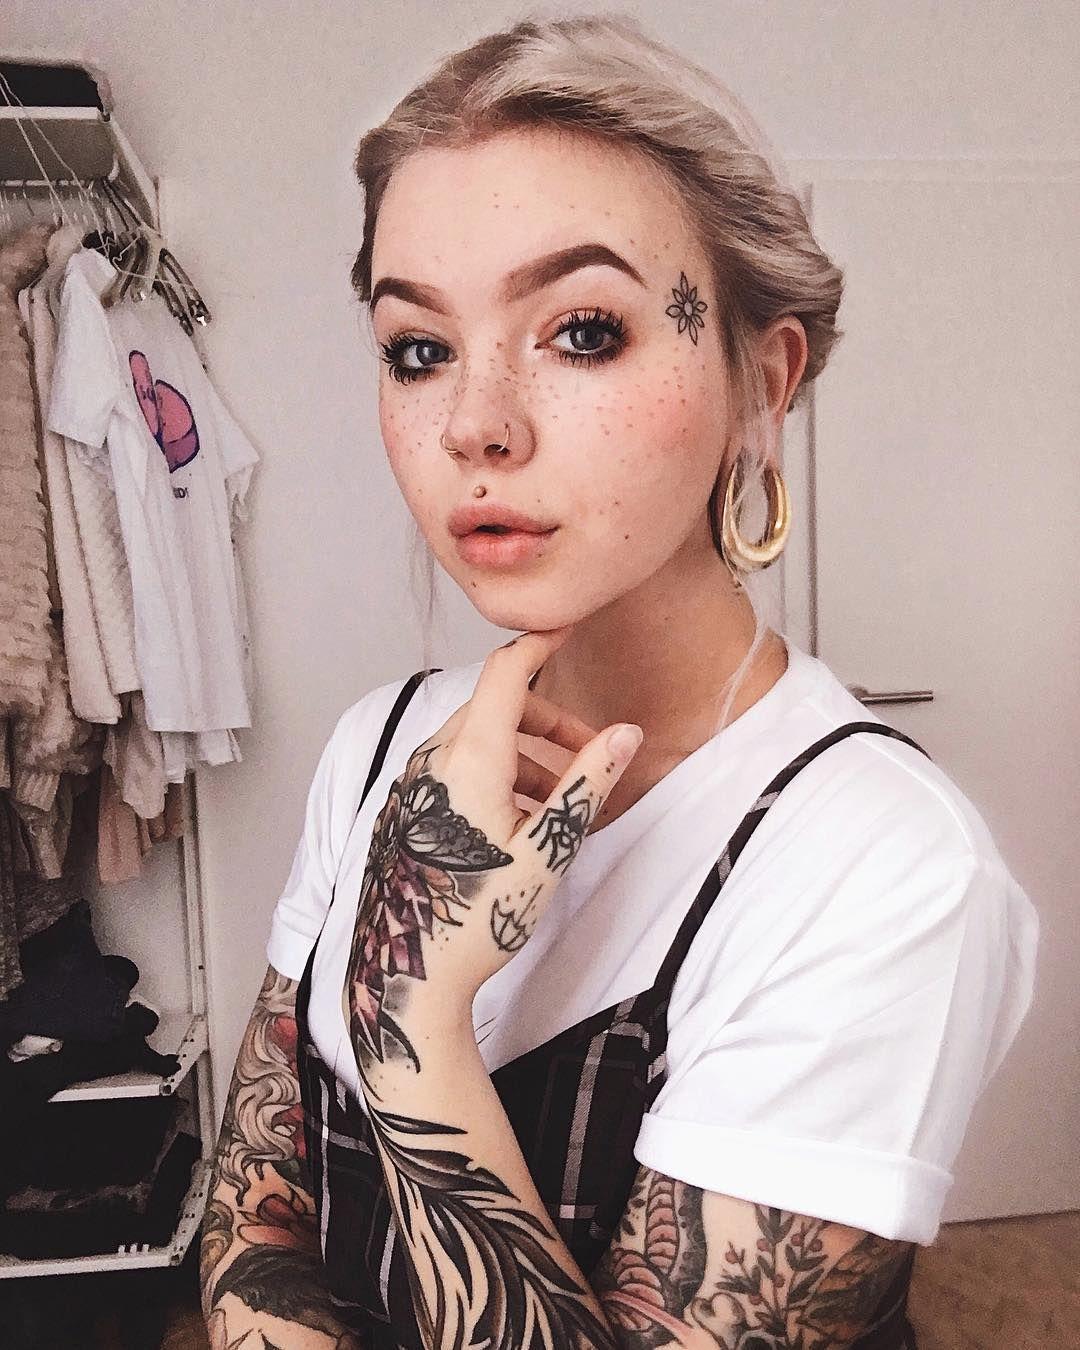 jenxtonic Facial tattoos, Face tattoos for women, Girl